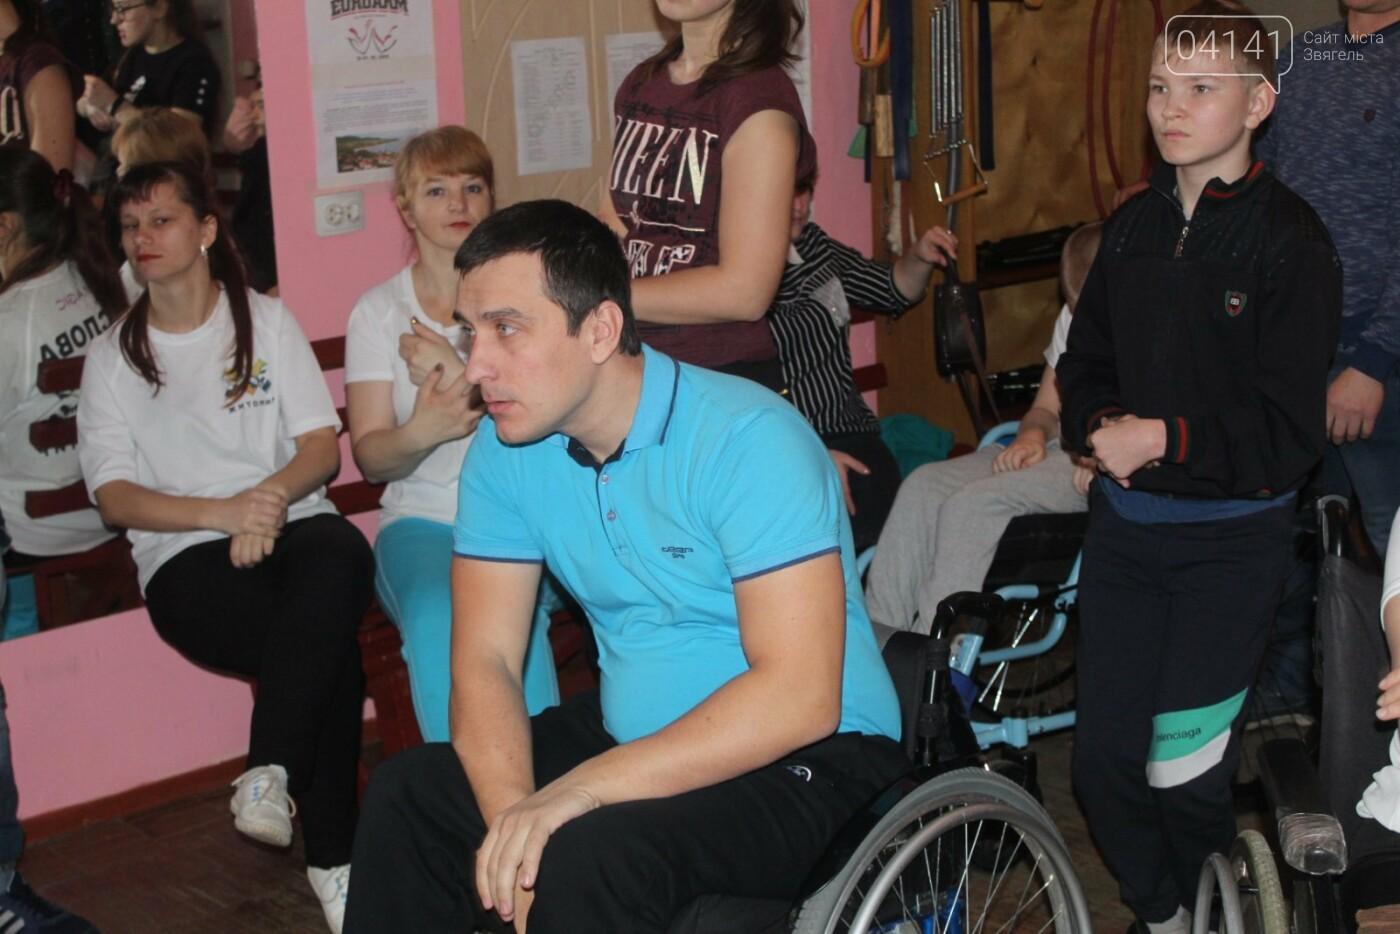 Як у Новограді проходив чемпіонат з армспорту серед людей з інвалідністю (ФОТО, ВІДЕО), фото-10